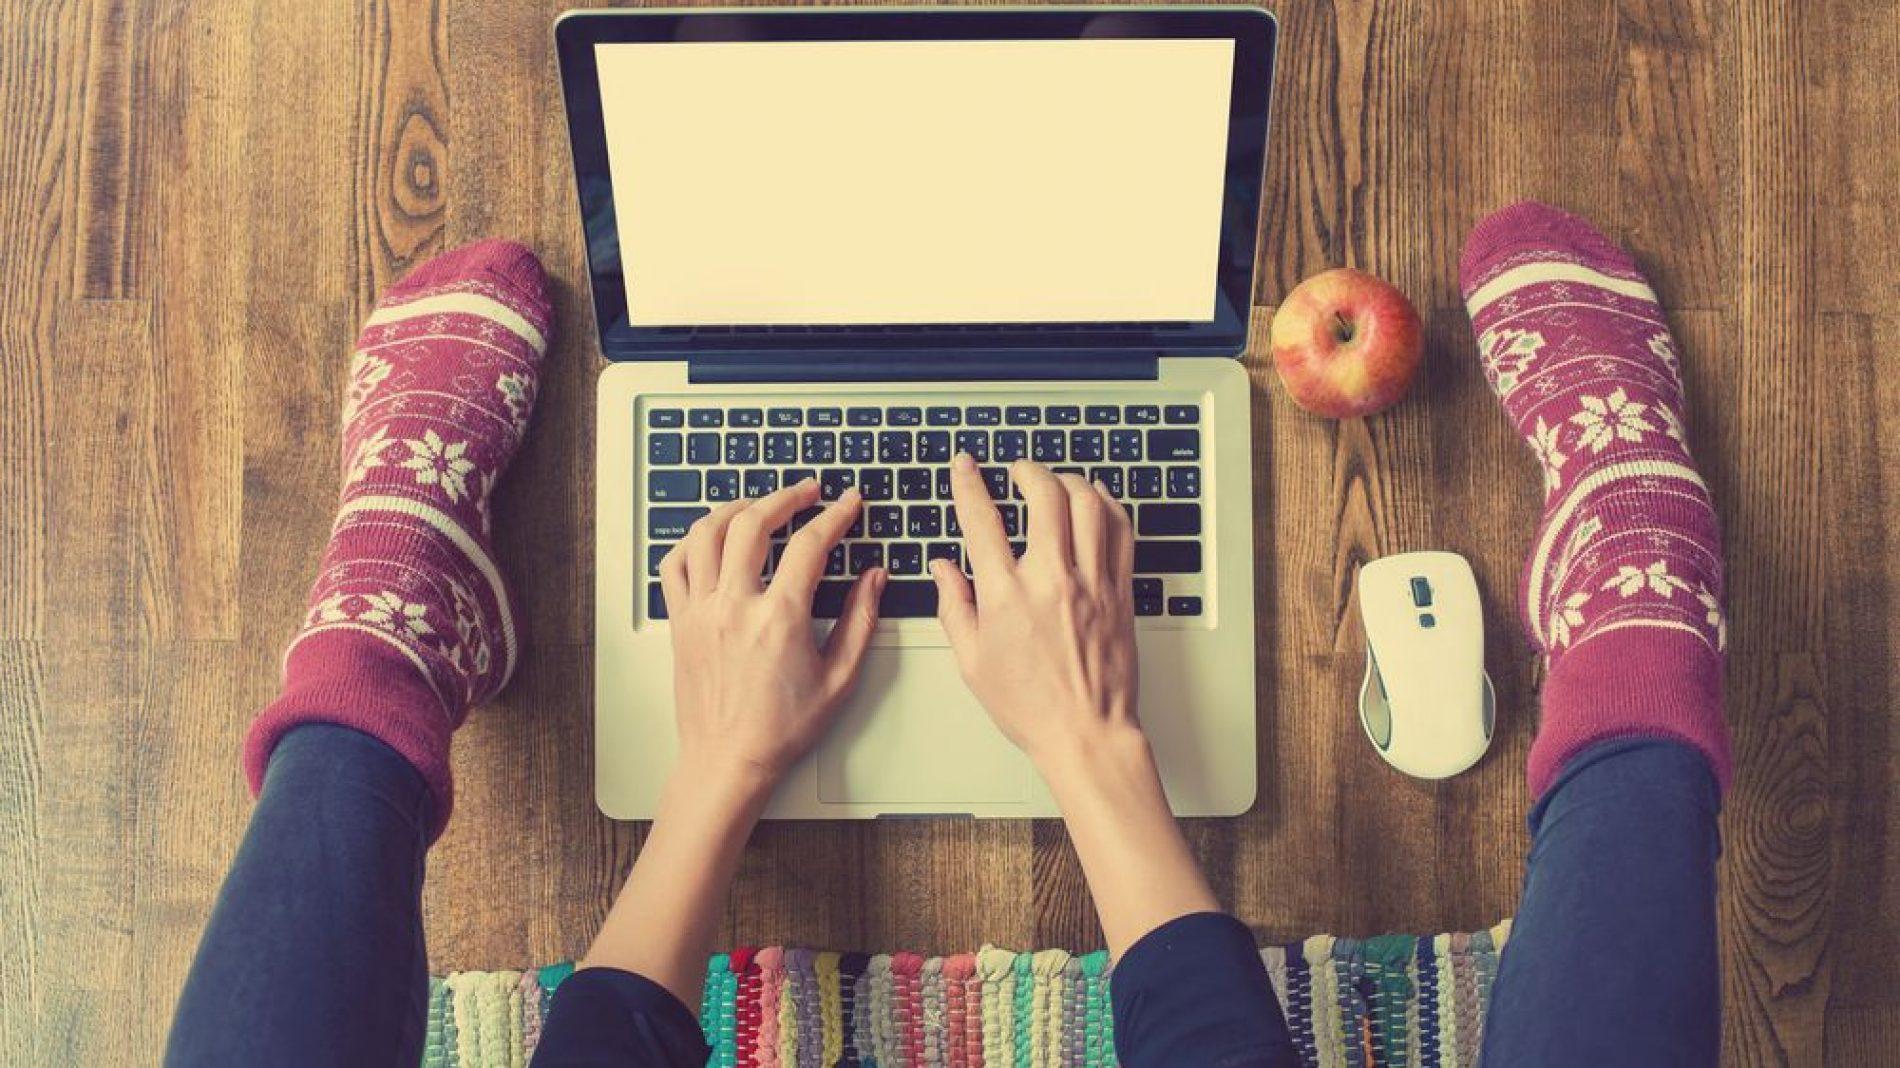 onlinesurfing-2